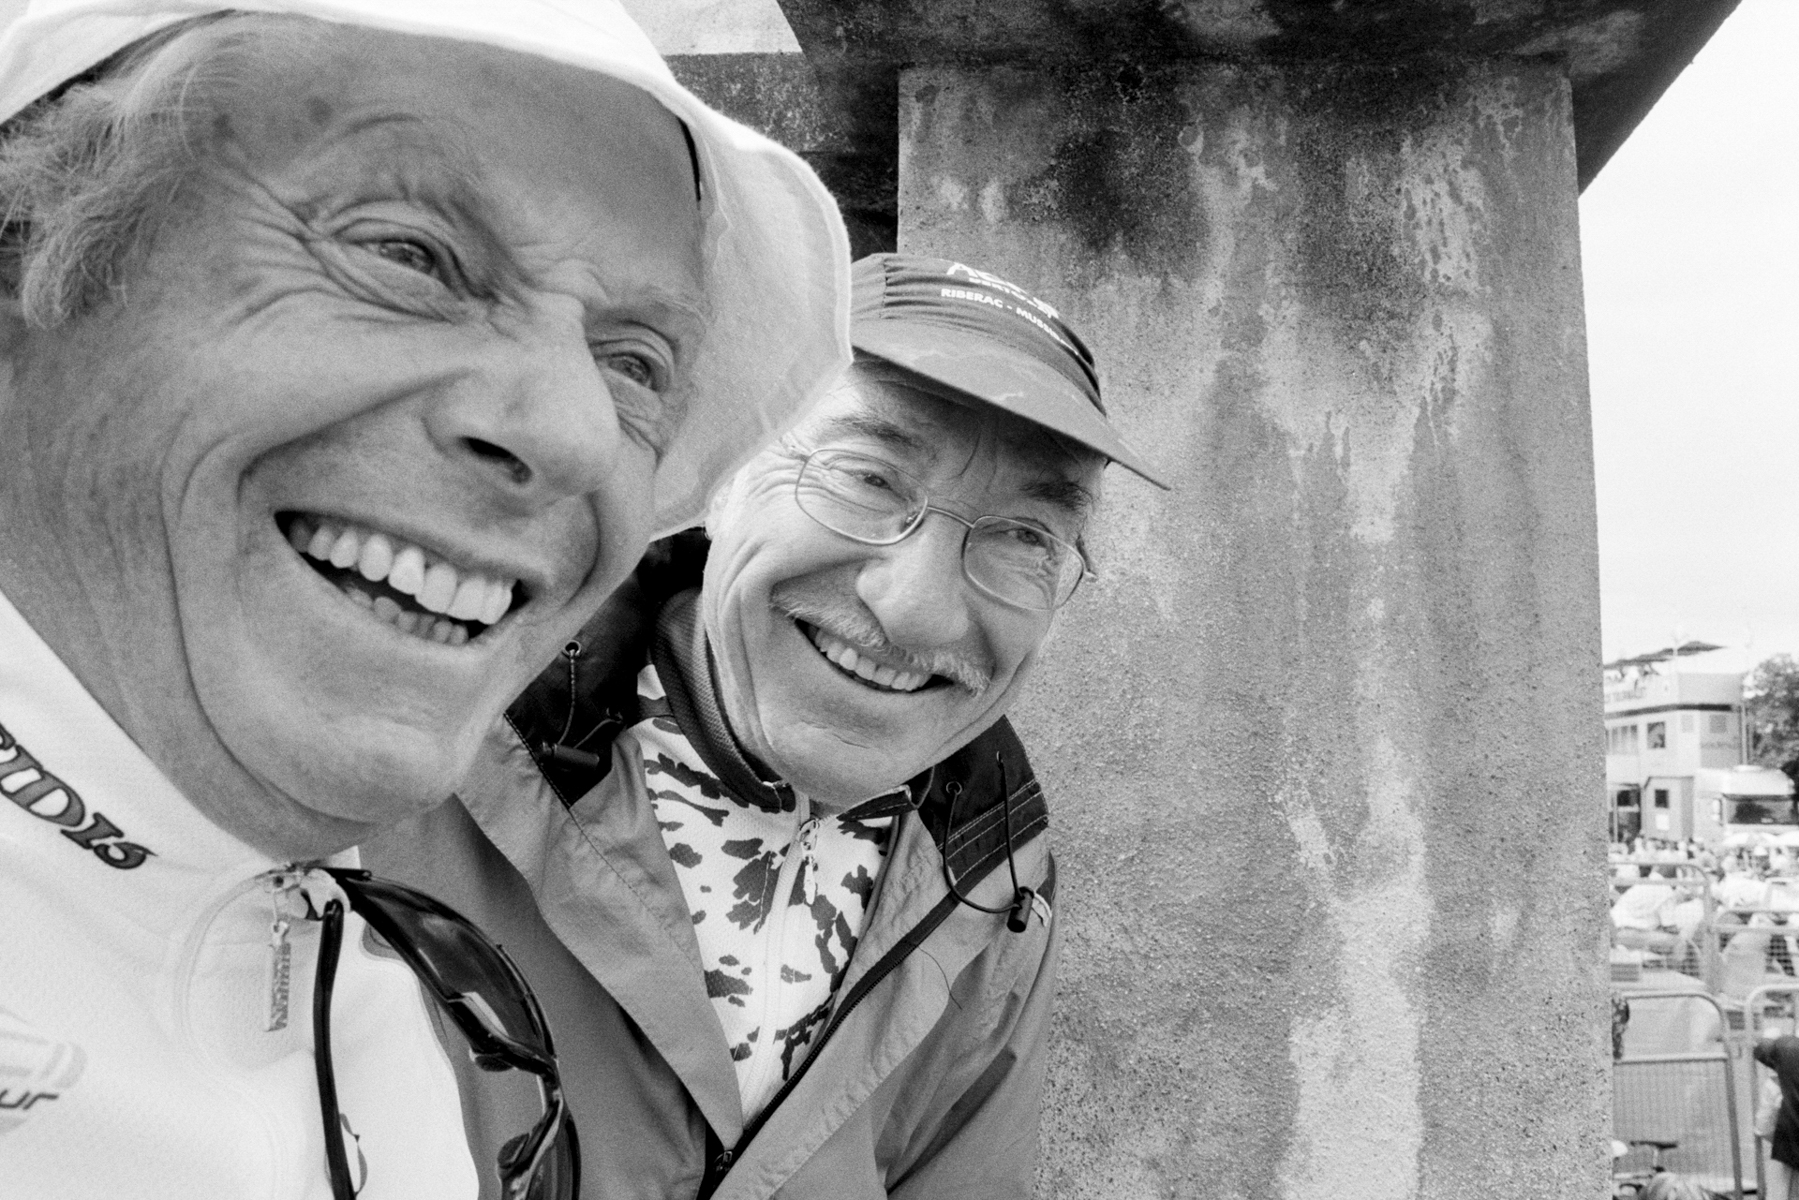 """Le Tour de France 2008 Thanks to these two fans who helped me up a wall to ... Merci aux deux messieurs qui m'ont aidée à escalader le mur pour ... """"Danke"""" an diese beiden Herren. Sie halfen mir, auf eine Mauer zu klettern, um ... Gracias a los dos caballeros que me ayudaron a trepar un alto muro para …"""